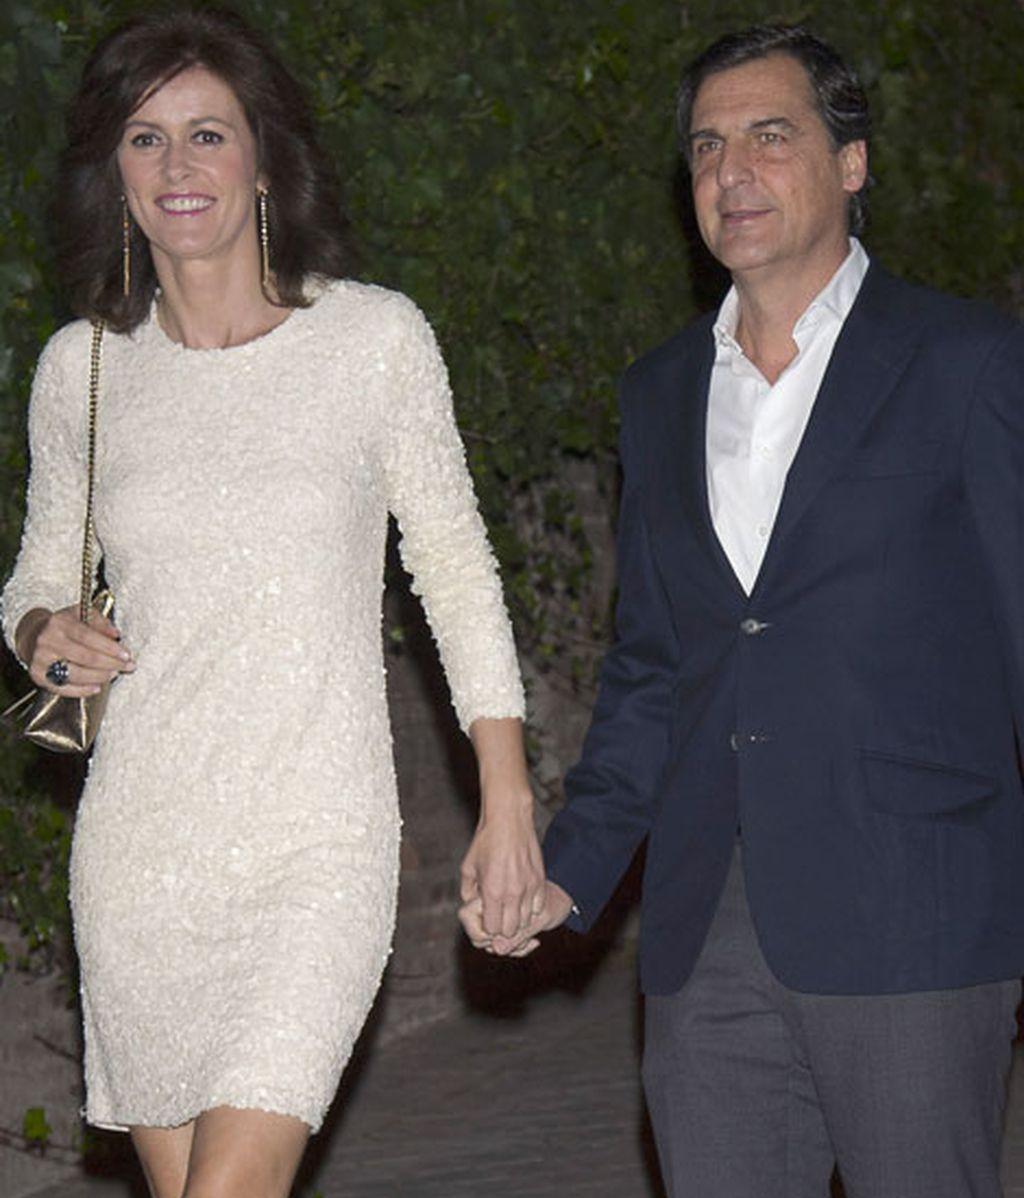 Nuria March y su marido, José María Pasquín, llegando a la fiesta